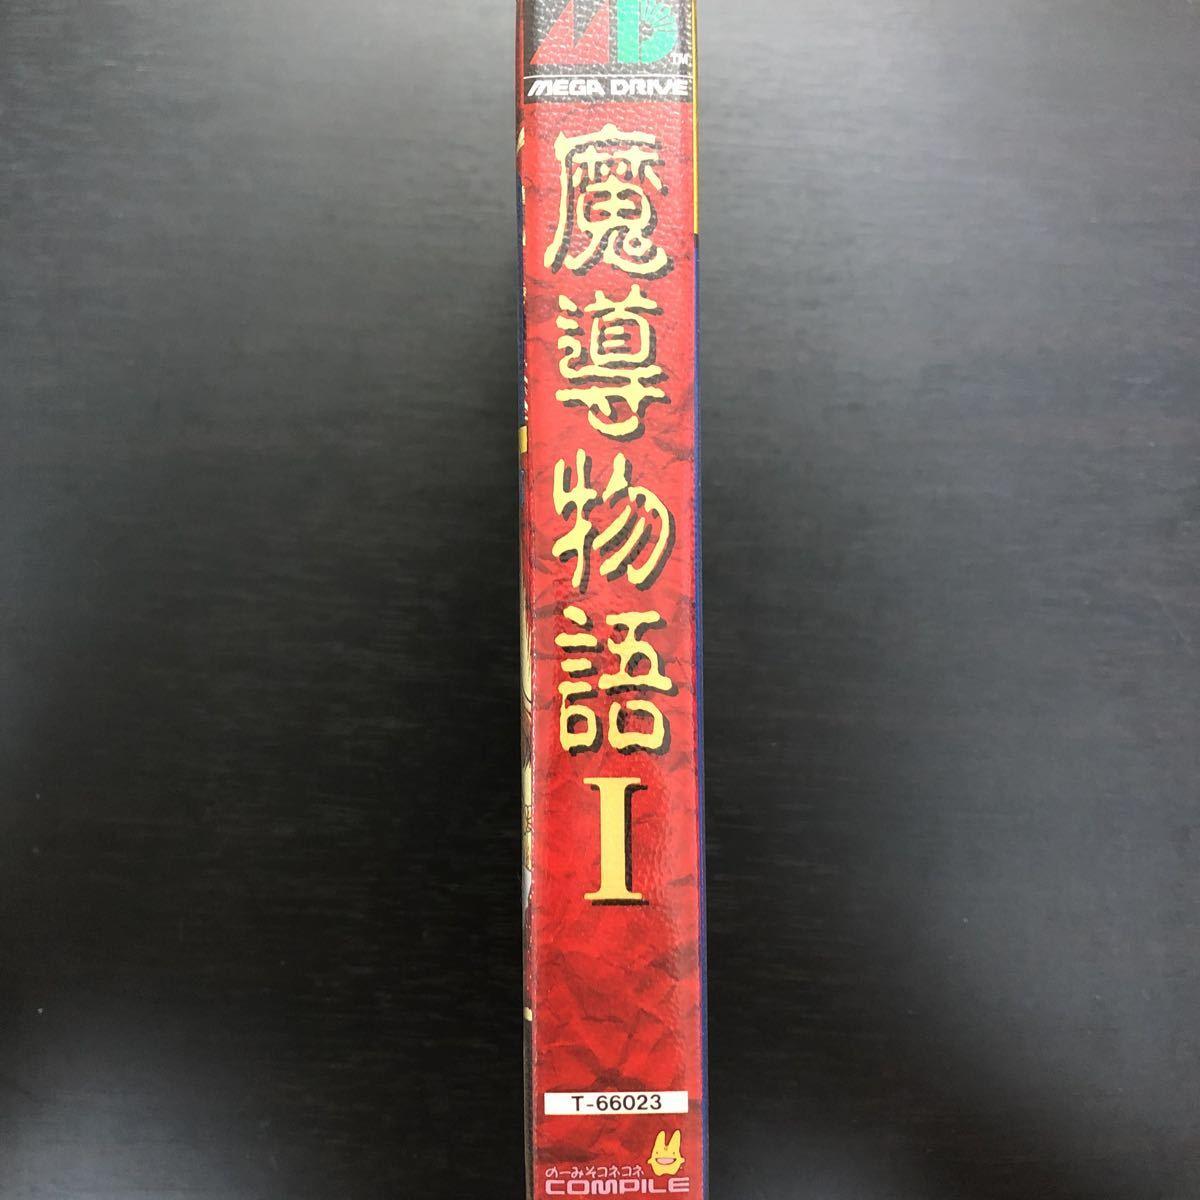 メガドライブ 魔導物語Ⅰ コンパイル 葉書付き_画像3